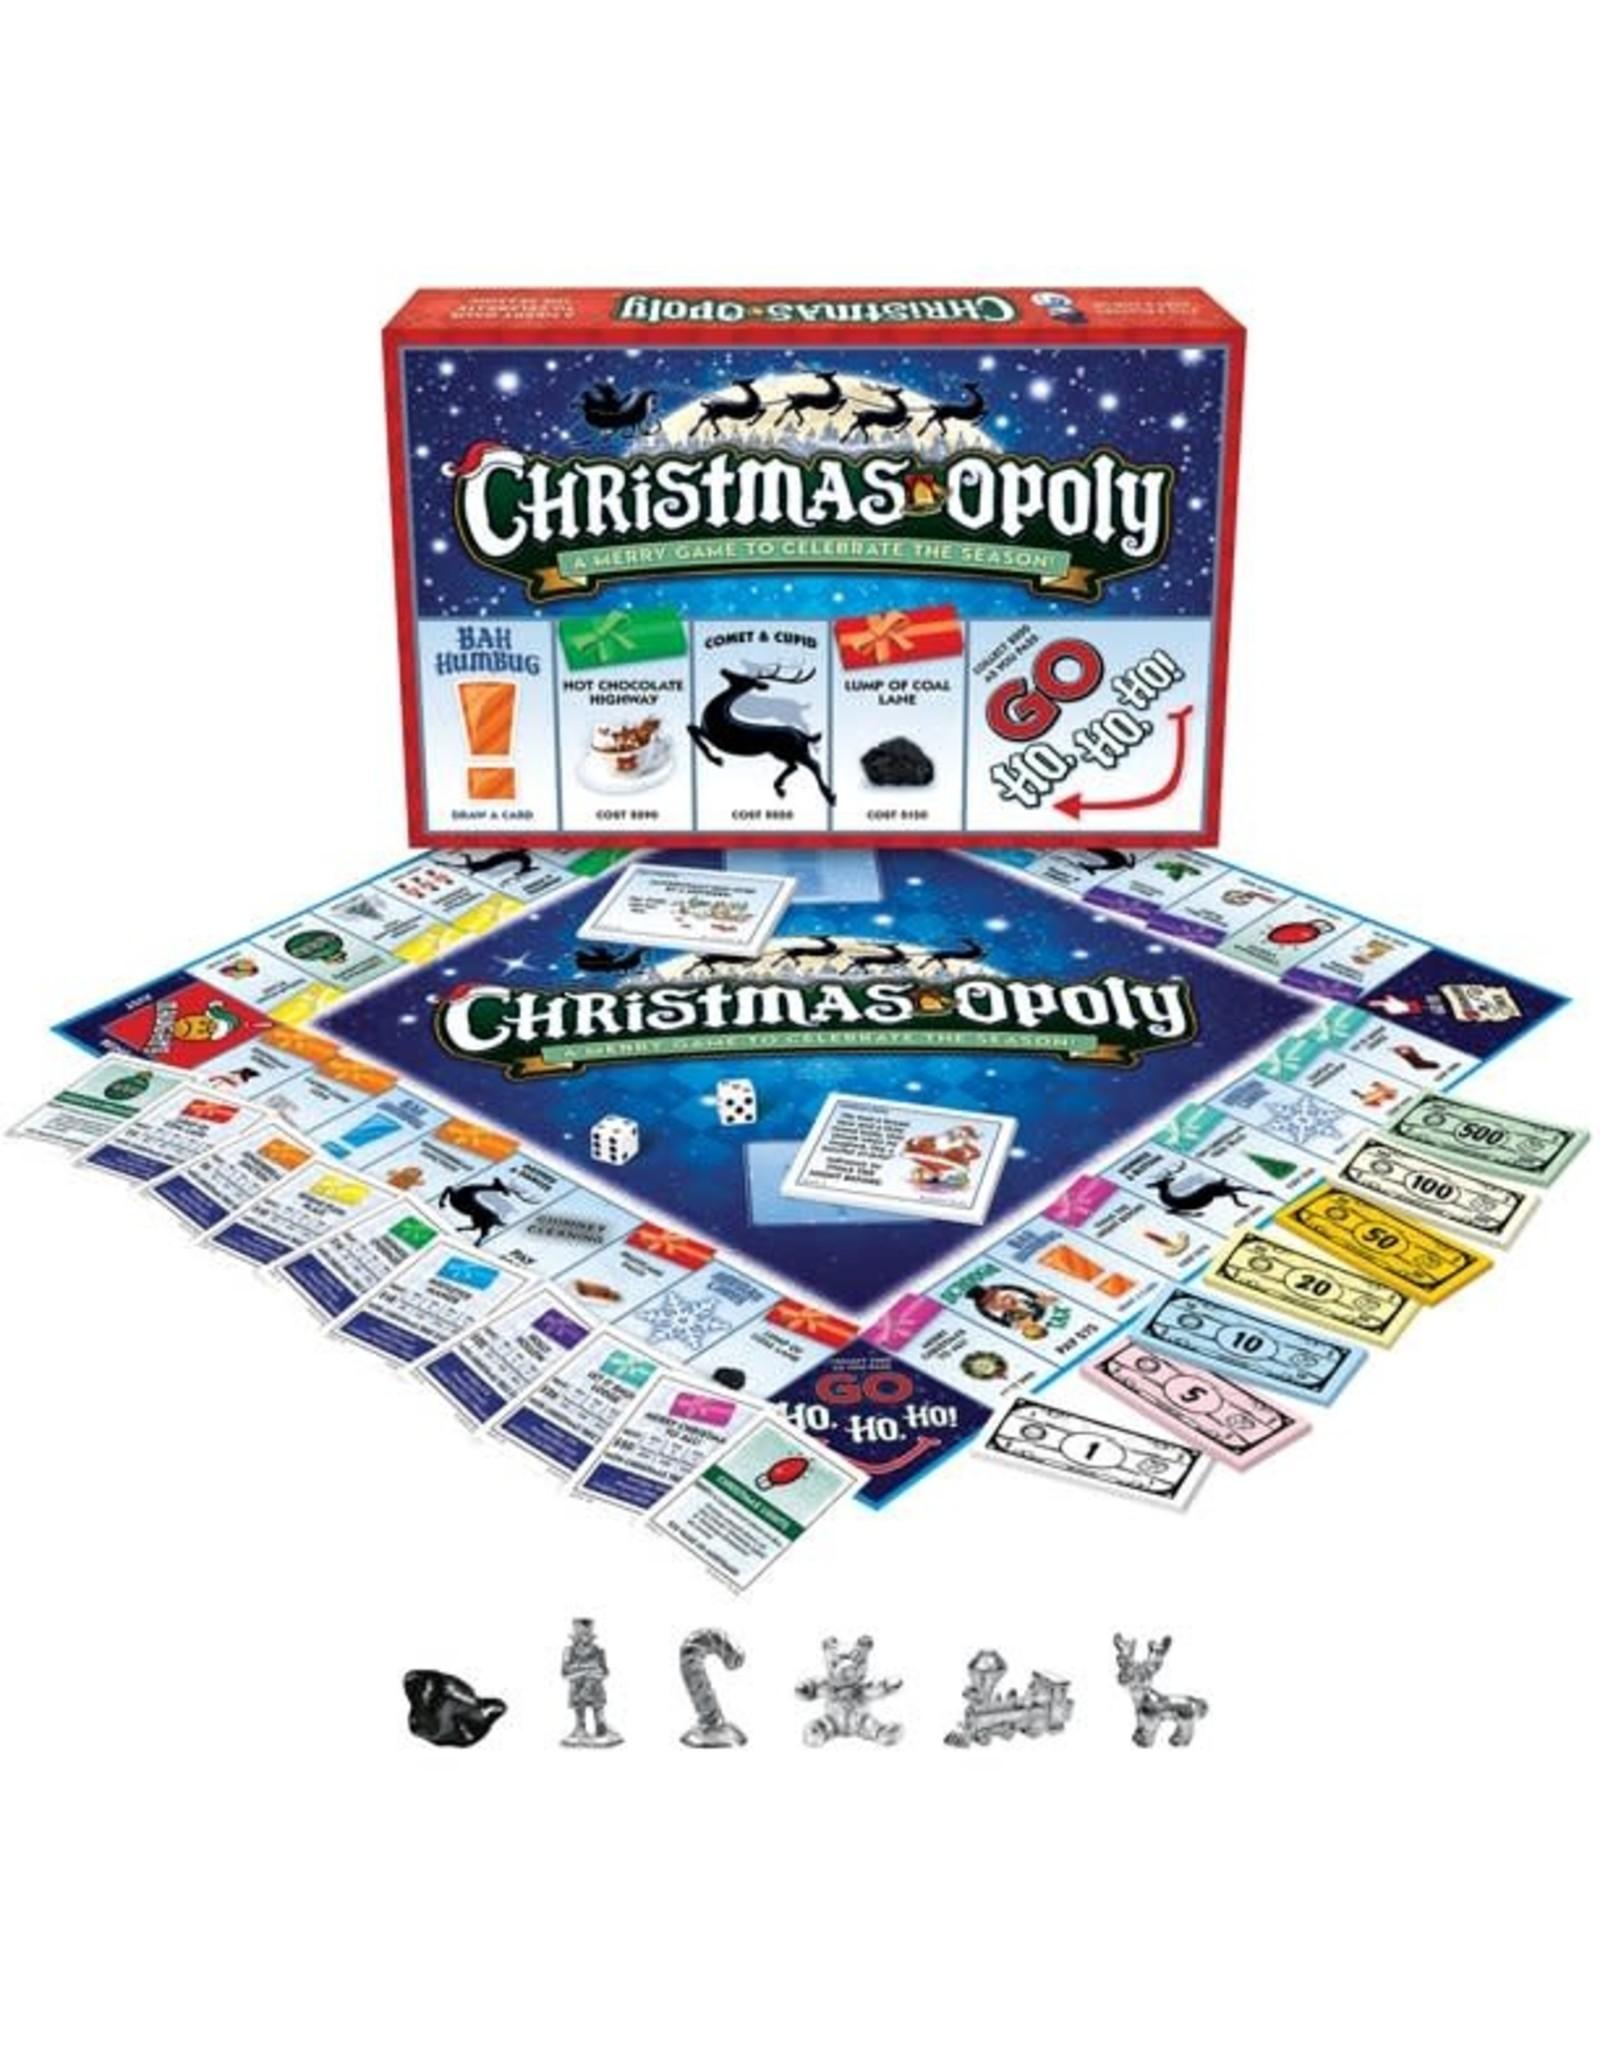 Christmas-opoly